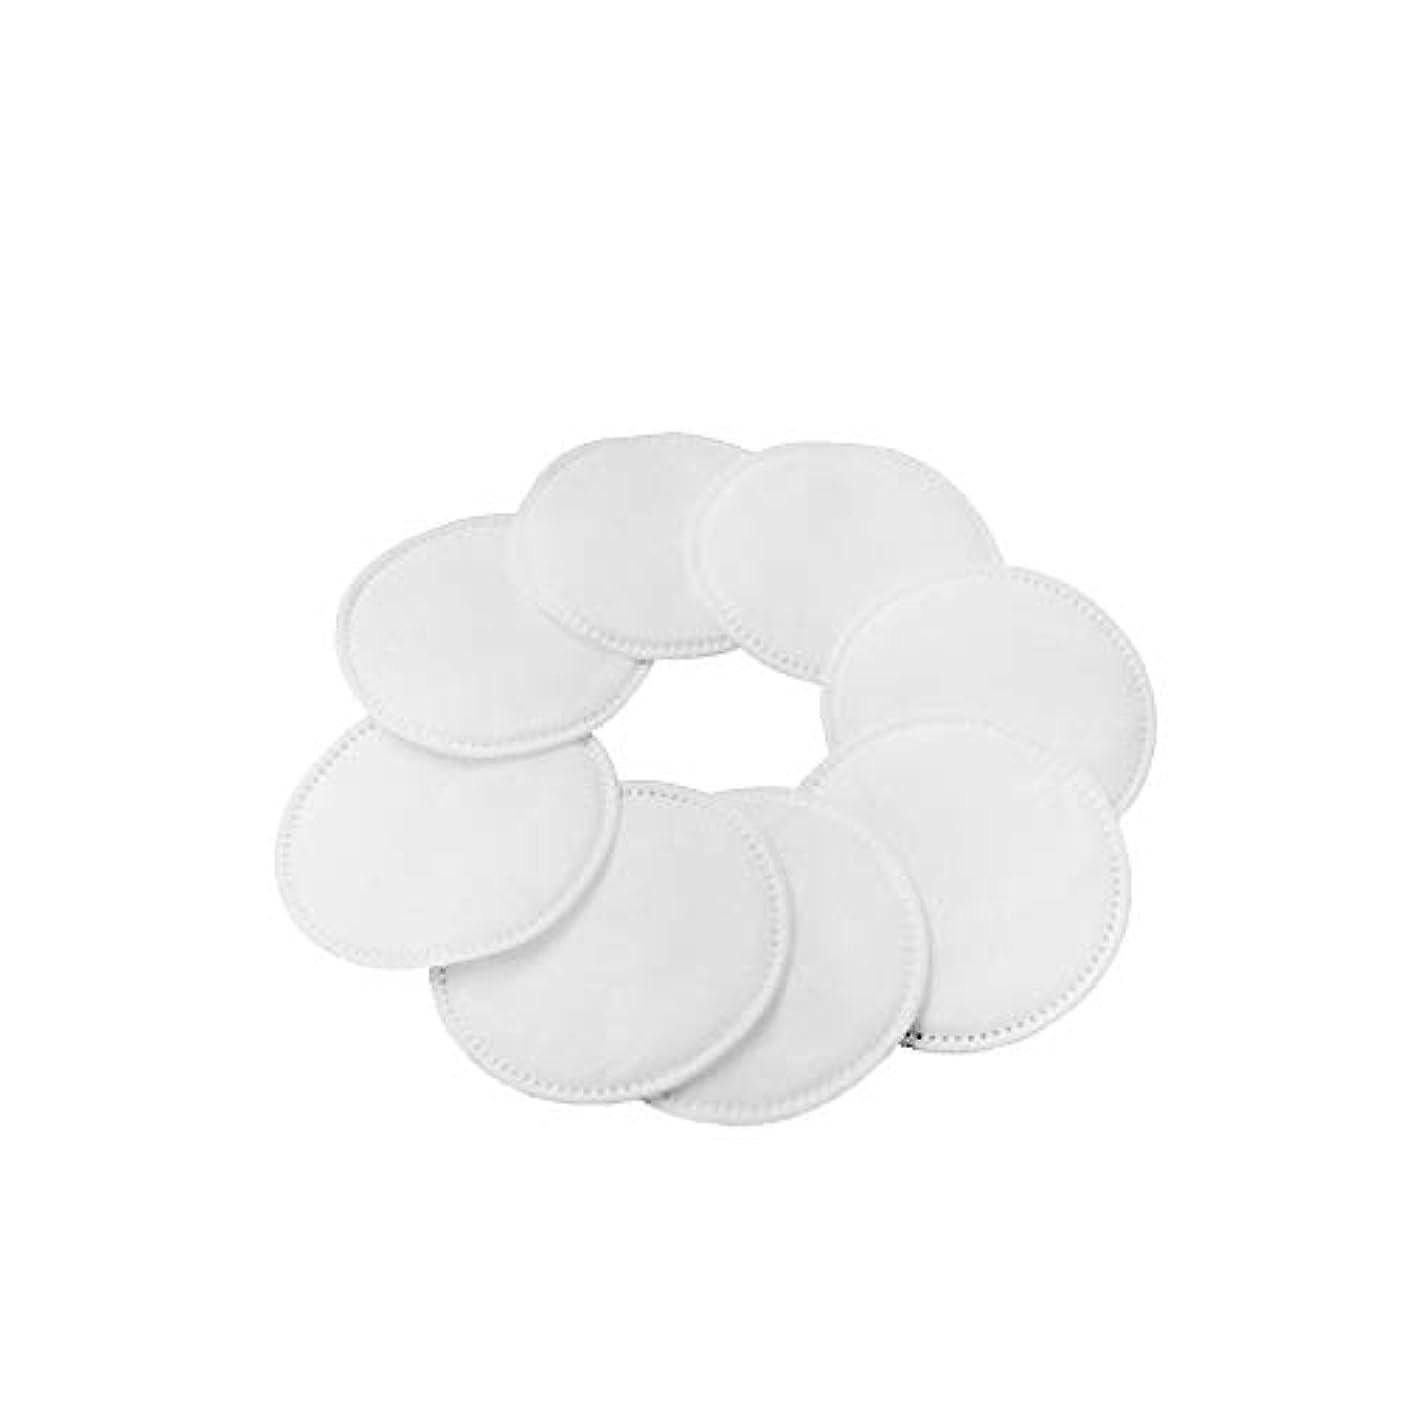 びっくりする志すクリケットAmyou 再利用可能なメイクアップリムーバーパッド、洗濯可能な竹の綿の授乳クッション、洗濯毛布、ソフトとフェイススキンケアウォッシュ布袋 - フェイスワイプ/アイクリエーション